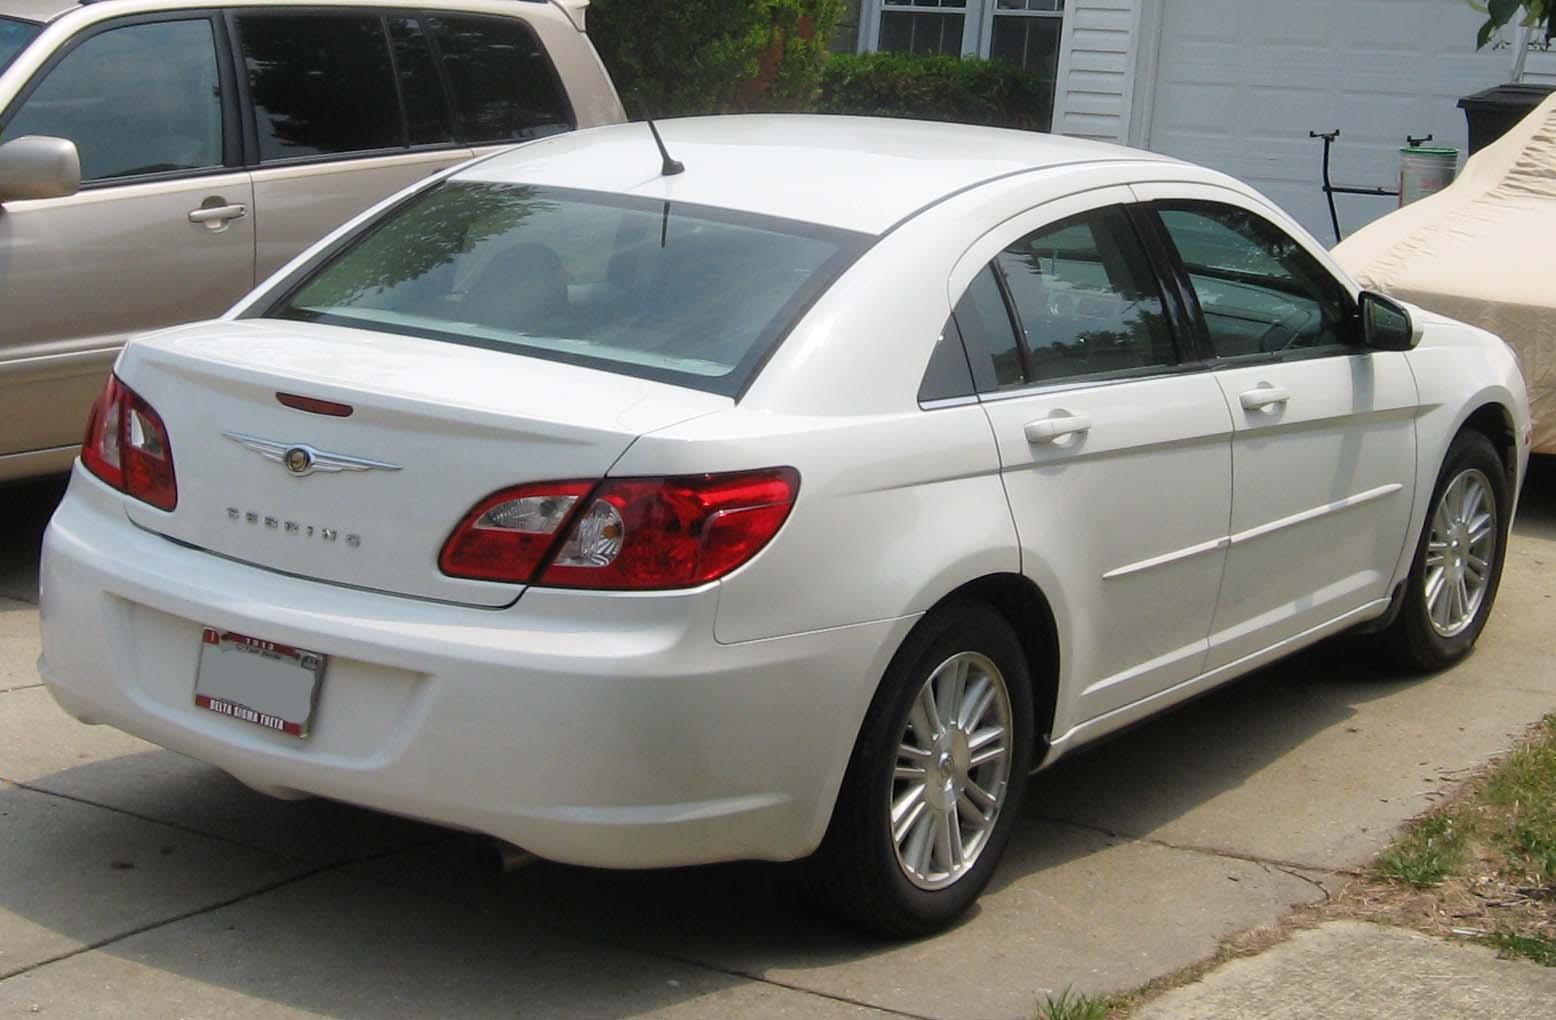 2008 Chrysler Sebring VIN Number Search - AutoDetective